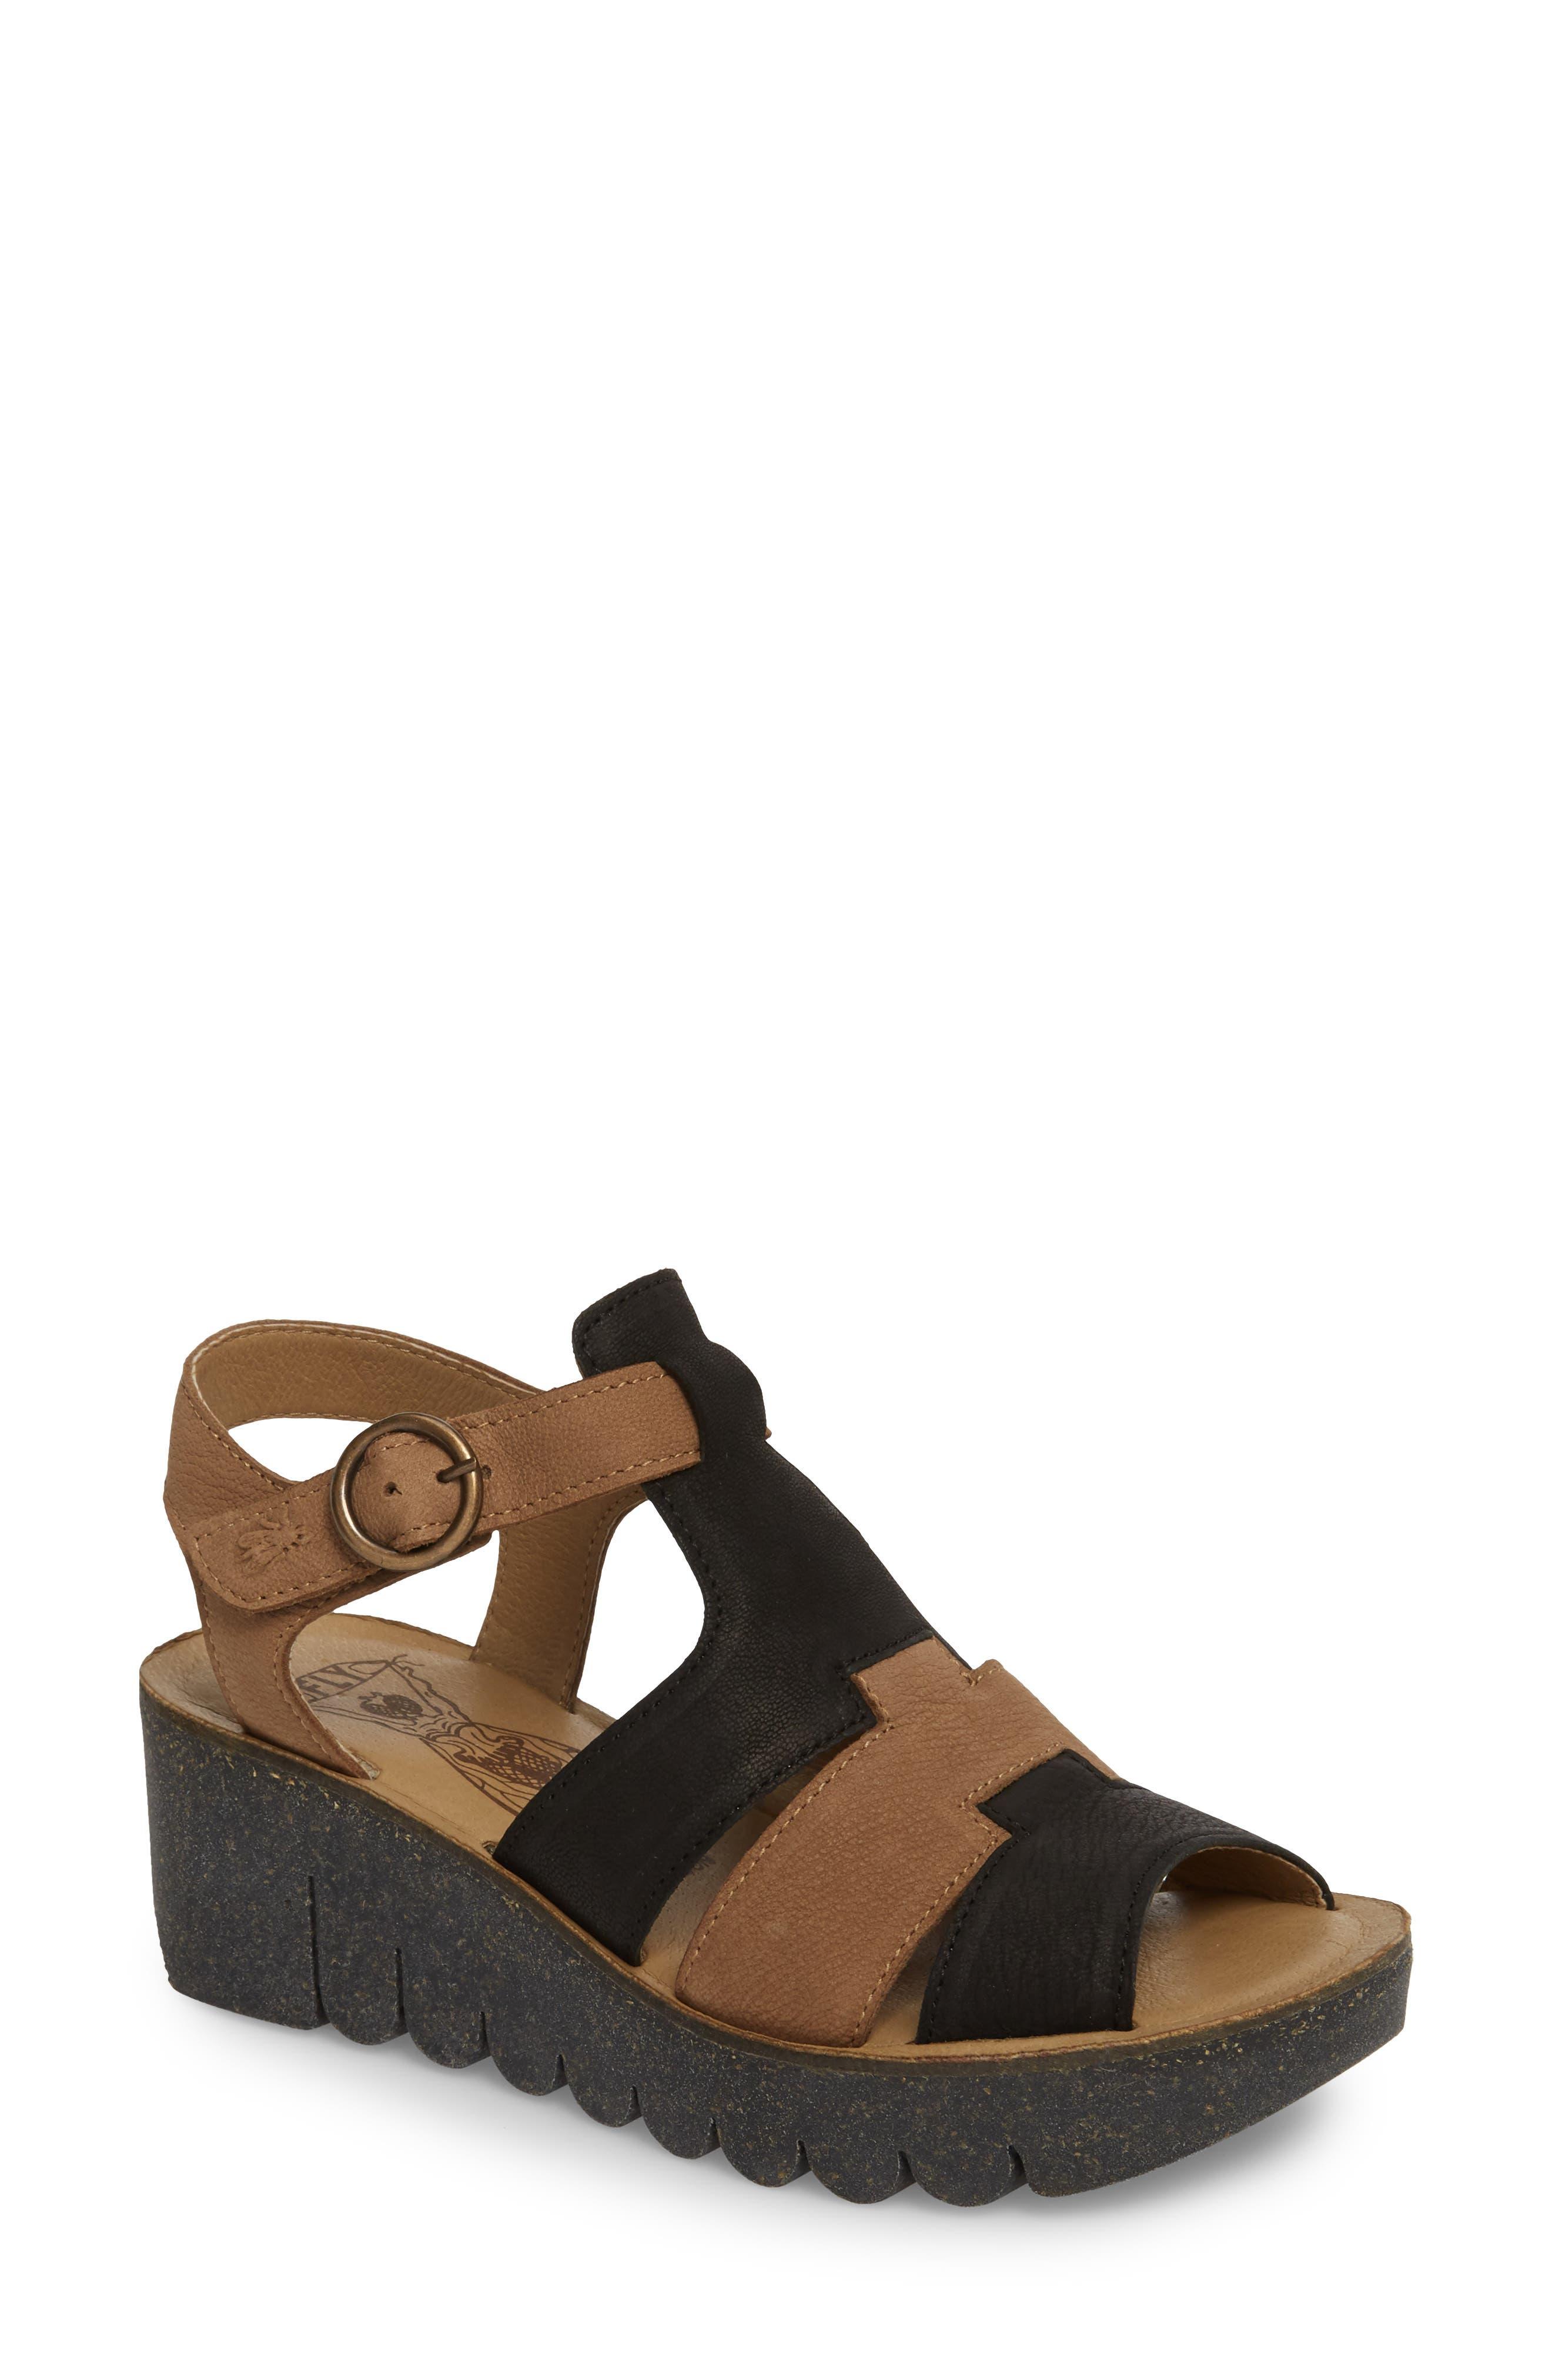 Yuni Wedge Sandal,                         Main,                         color, 001